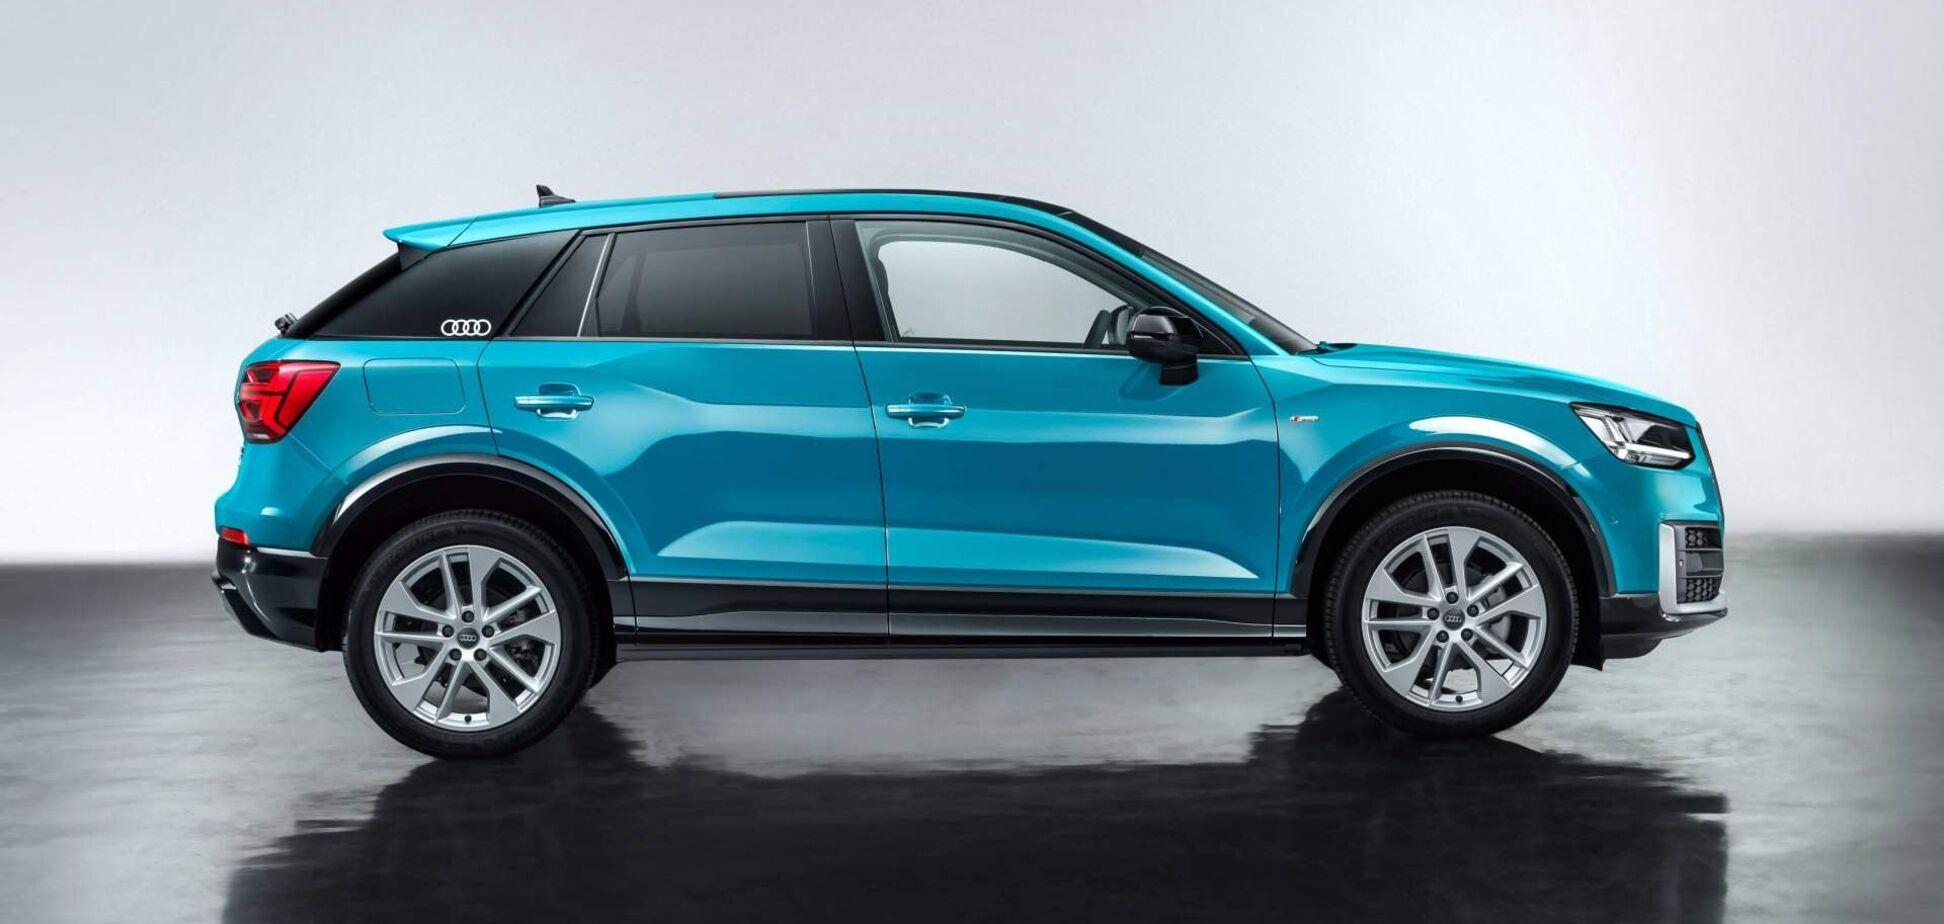 Китайці активно розкуповують німецькі авто, незважаючи на кризу – дослідження